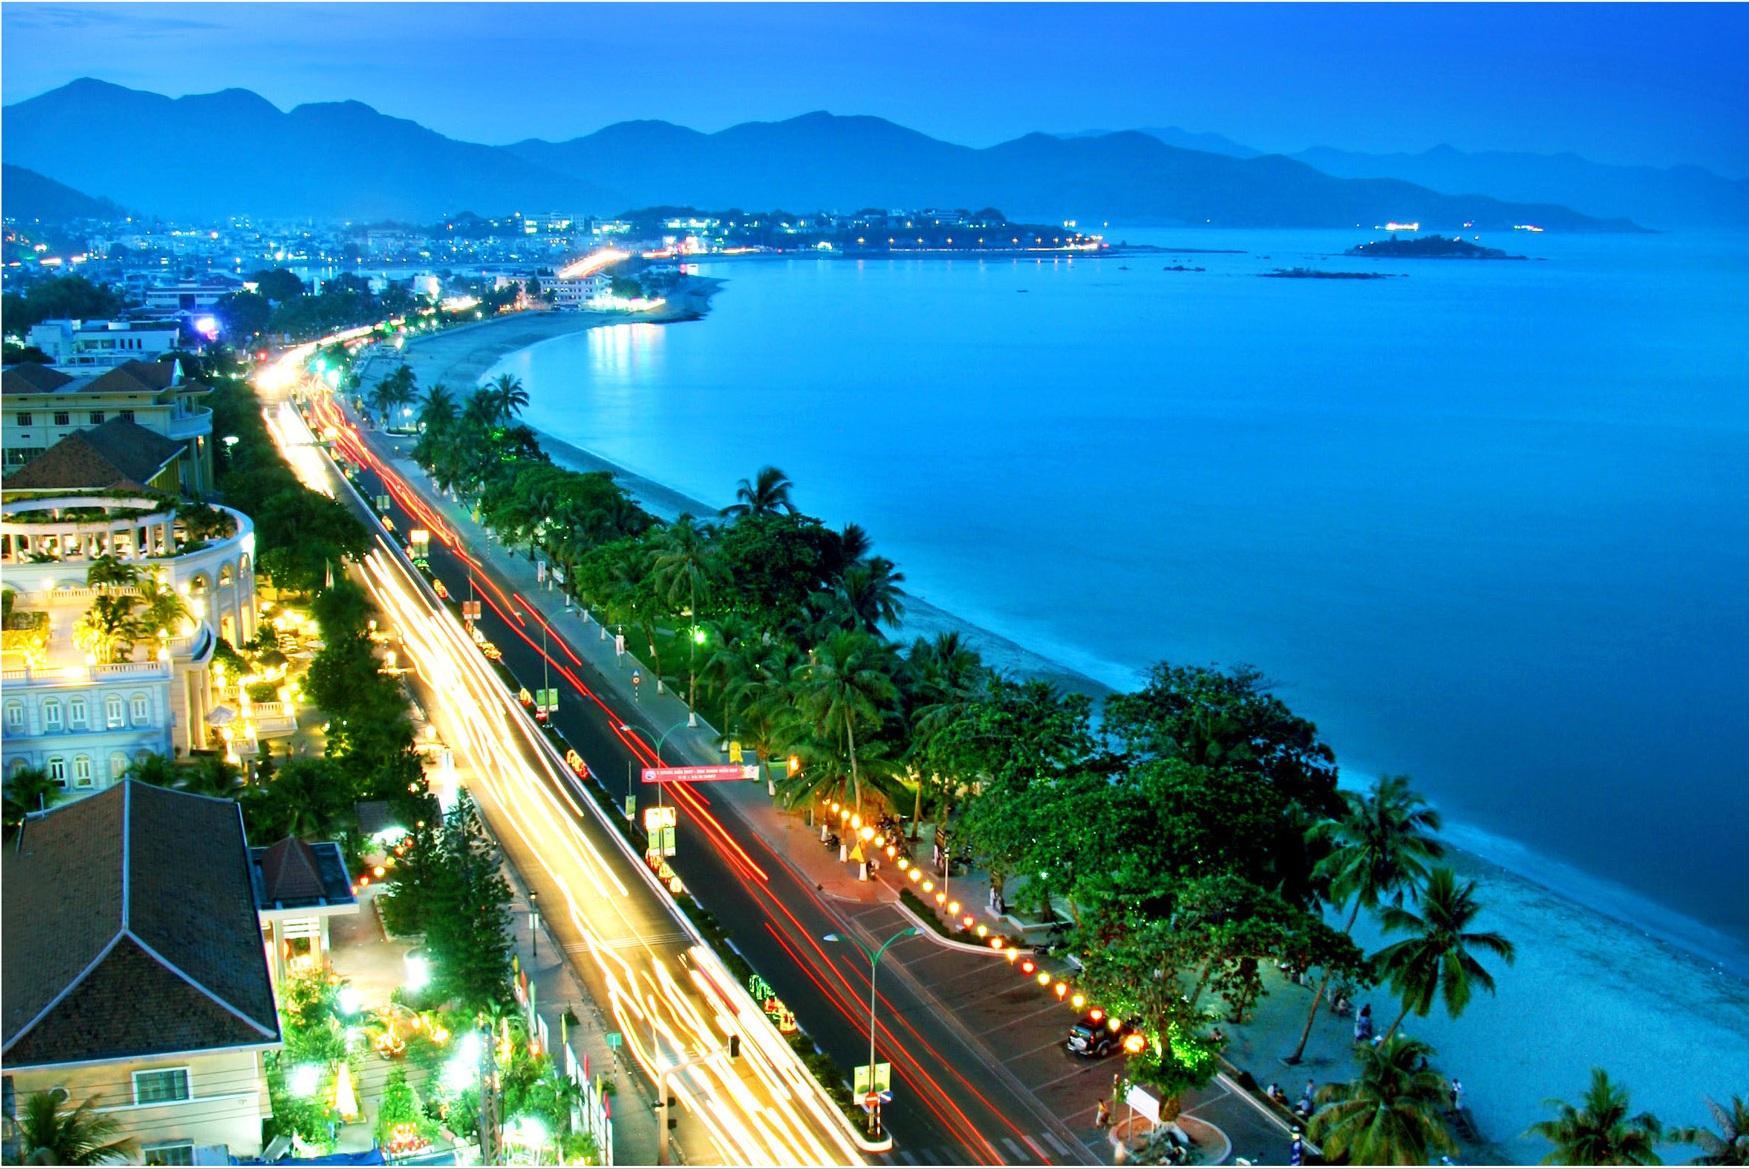 Dịch vụ chuyển phát nhanh hỏa tốc từ TP Hồ Chí Minh - Sài Gòn đến Đà Nẵng chuyên nghiệp, chất lượng hàng đầu